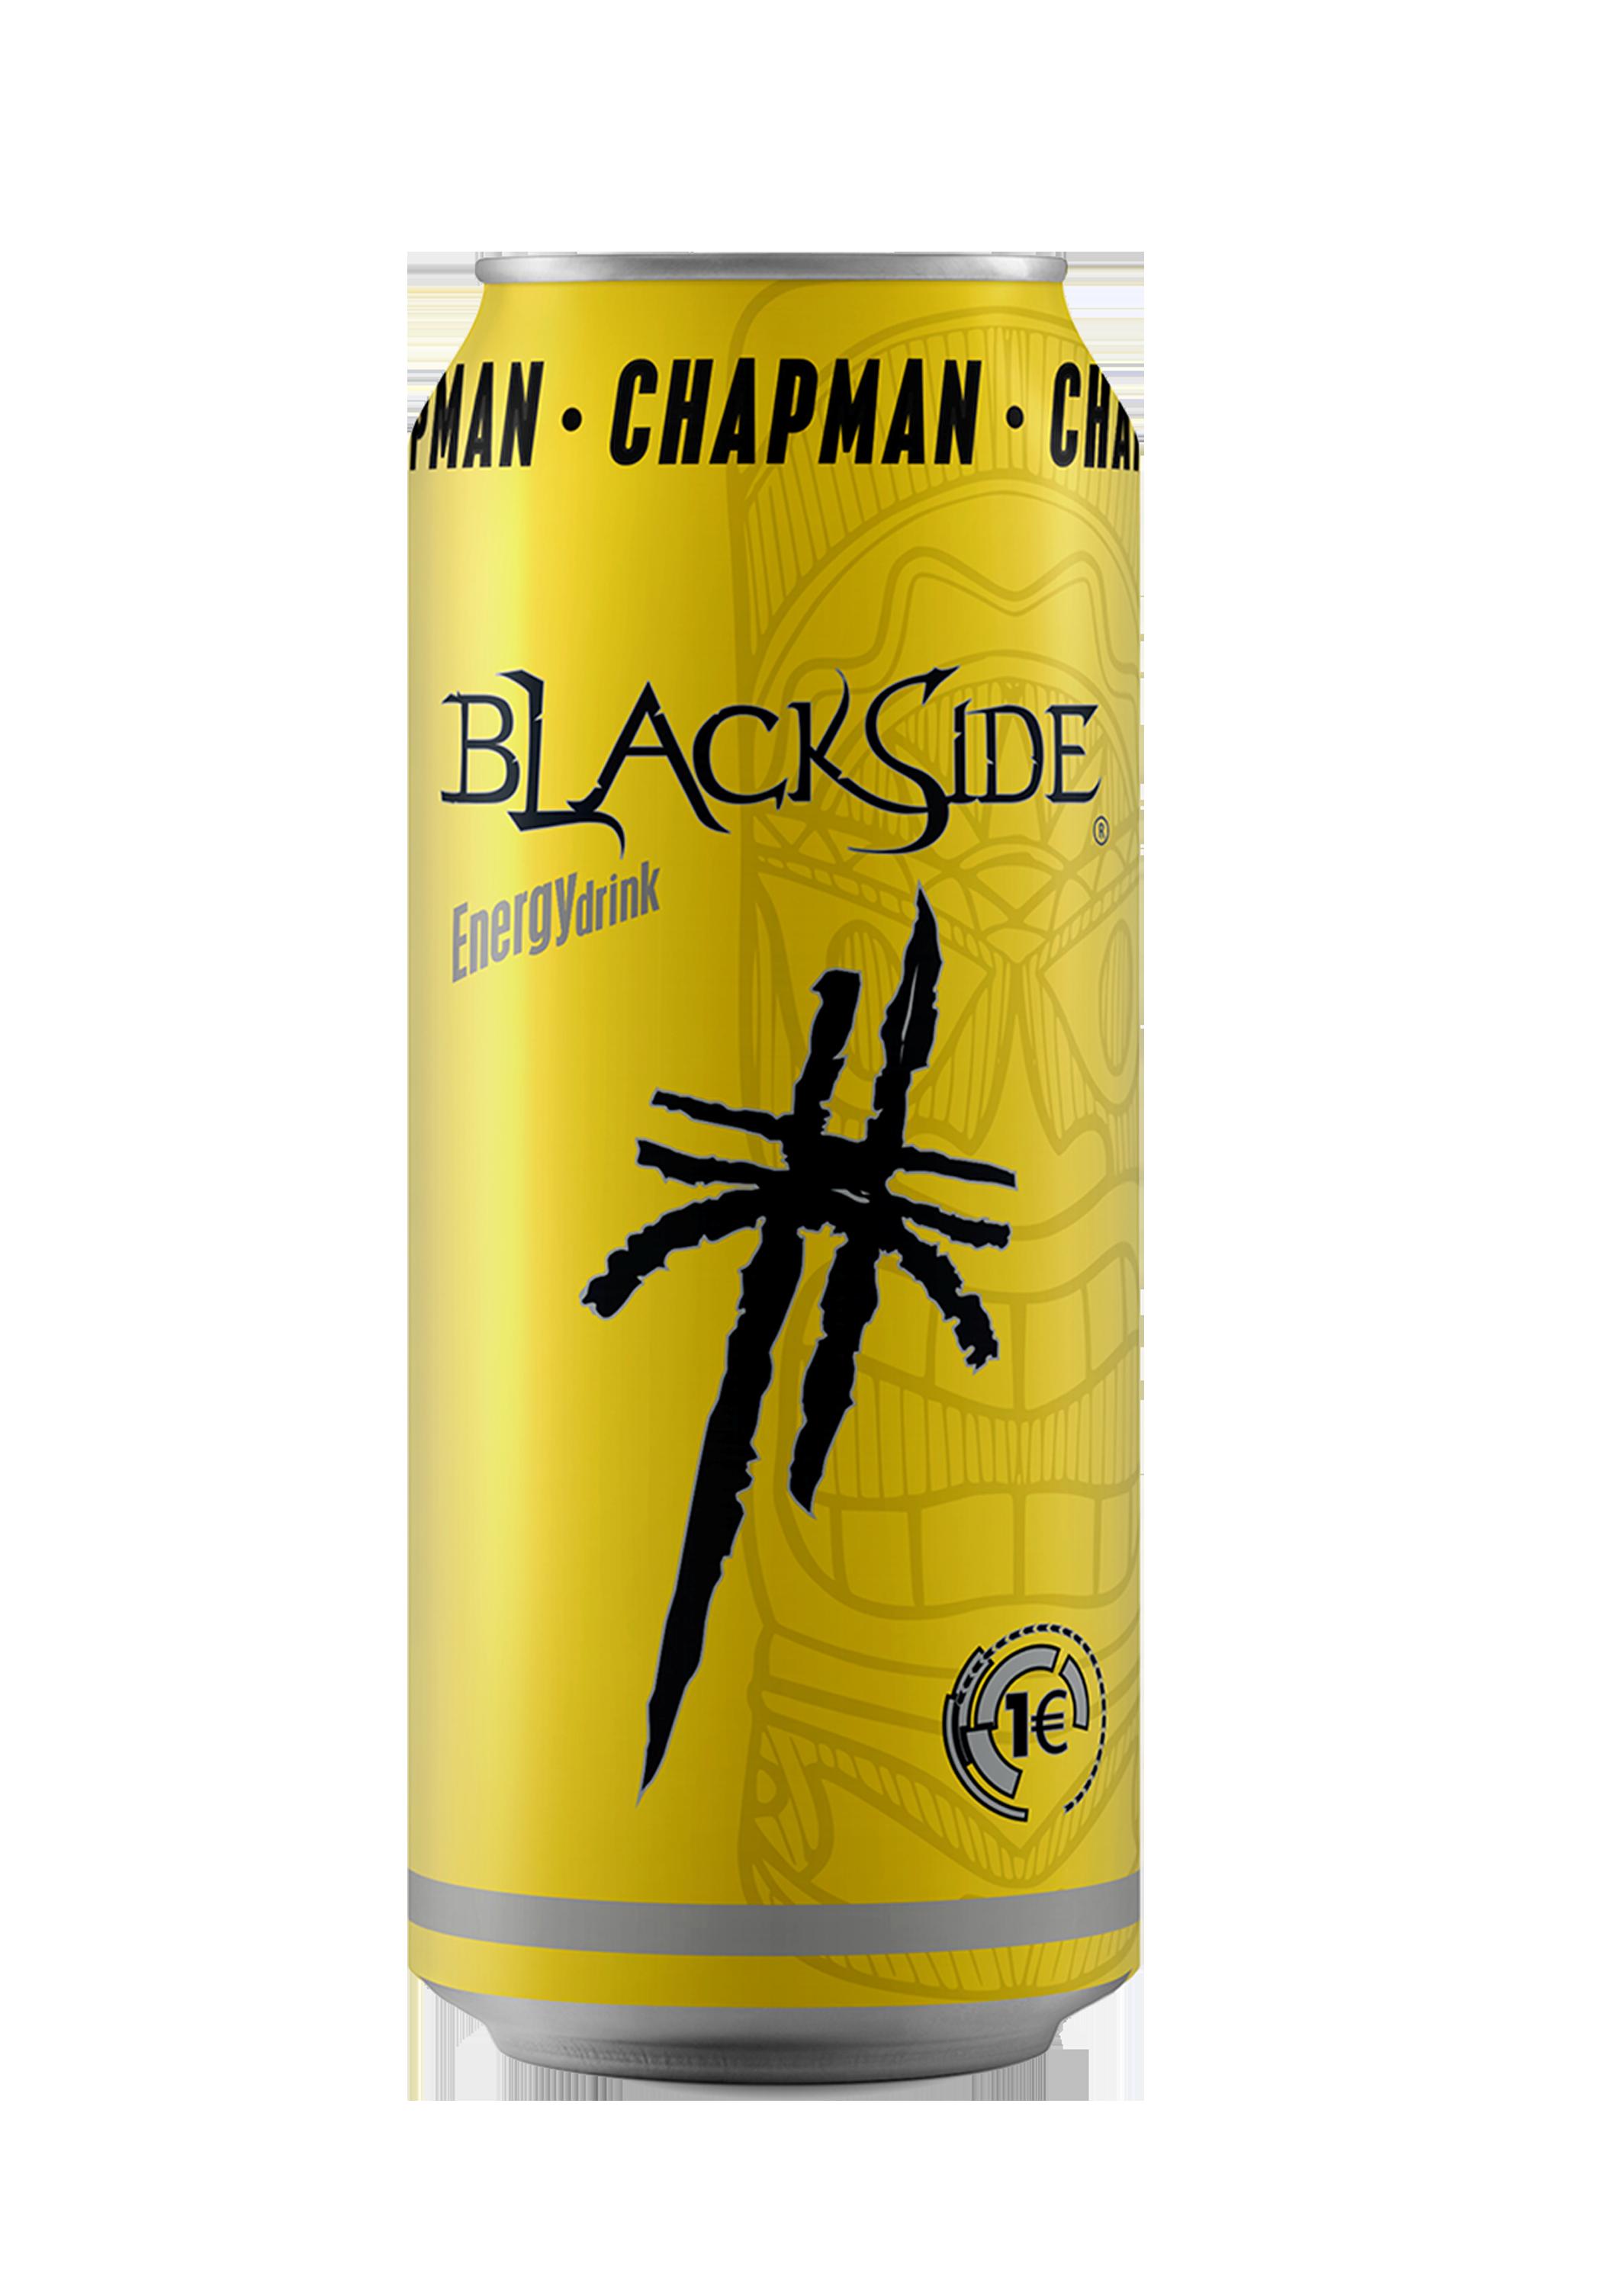 https://lekkerland.es/wp-content/uploads/2021/02/blackside-CHAPMAN.png